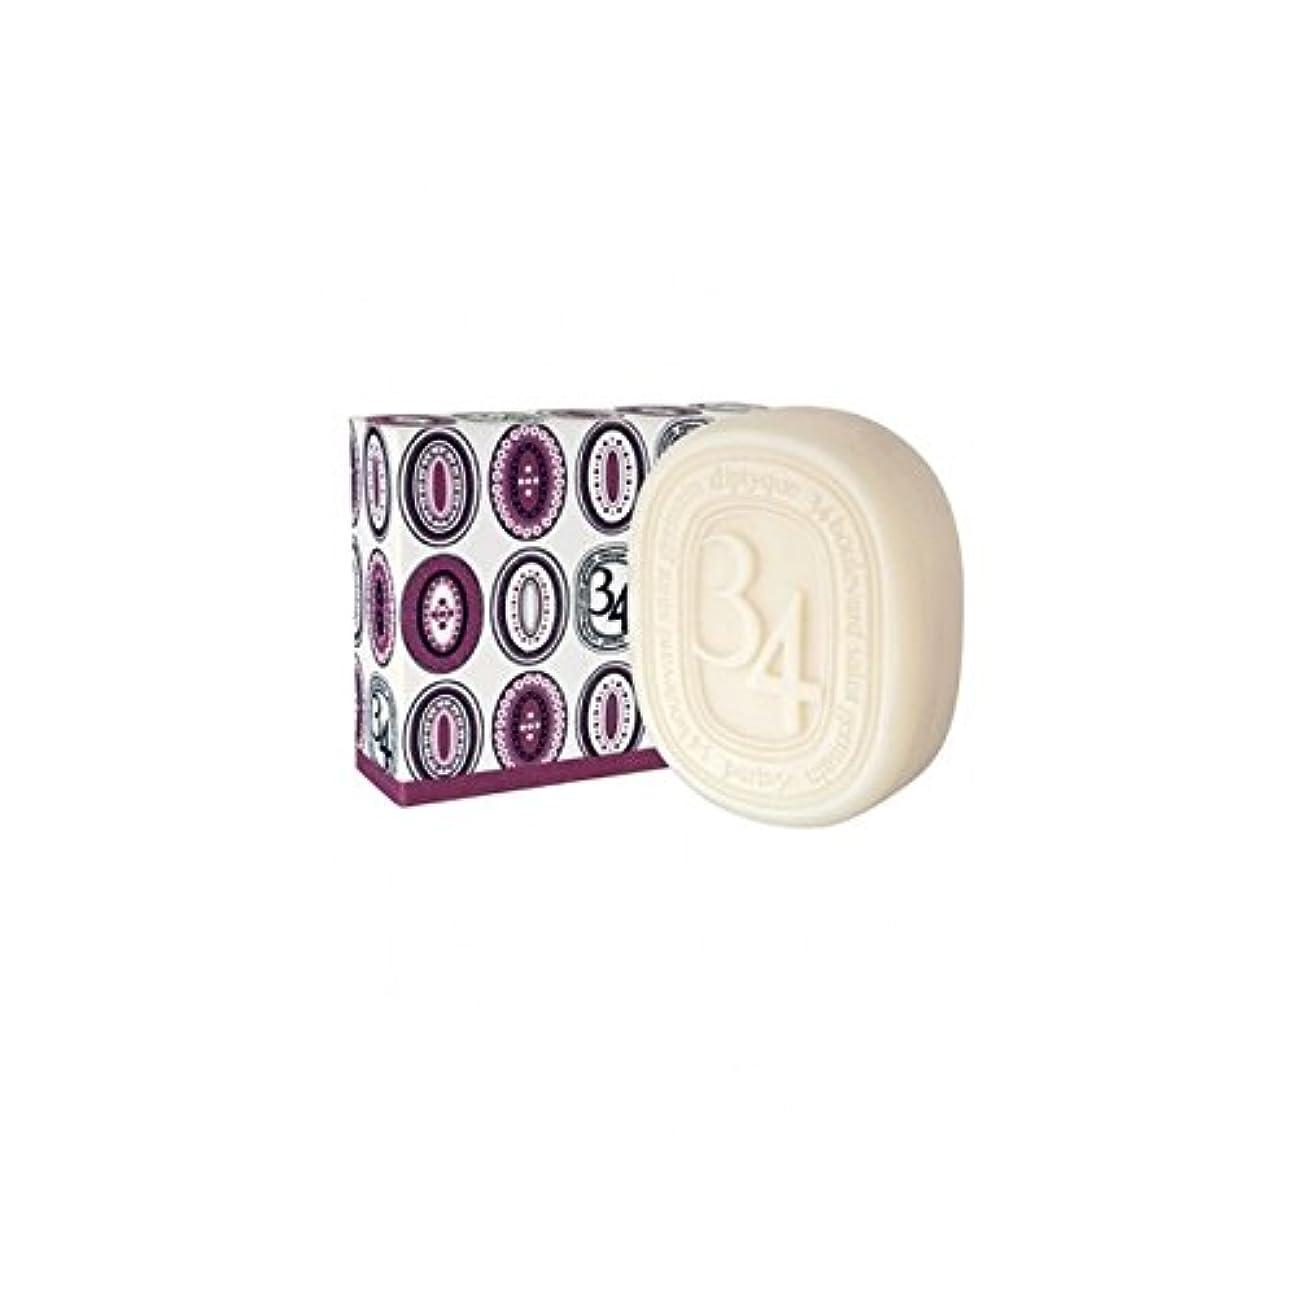 インターネット未払い好ましいDiptyqueコレクション34大通りサンジェルマン石鹸100グラム - Diptyque Collection 34 Boulevard Saint Germain Soap 100g (Diptyque) [並行輸入品]